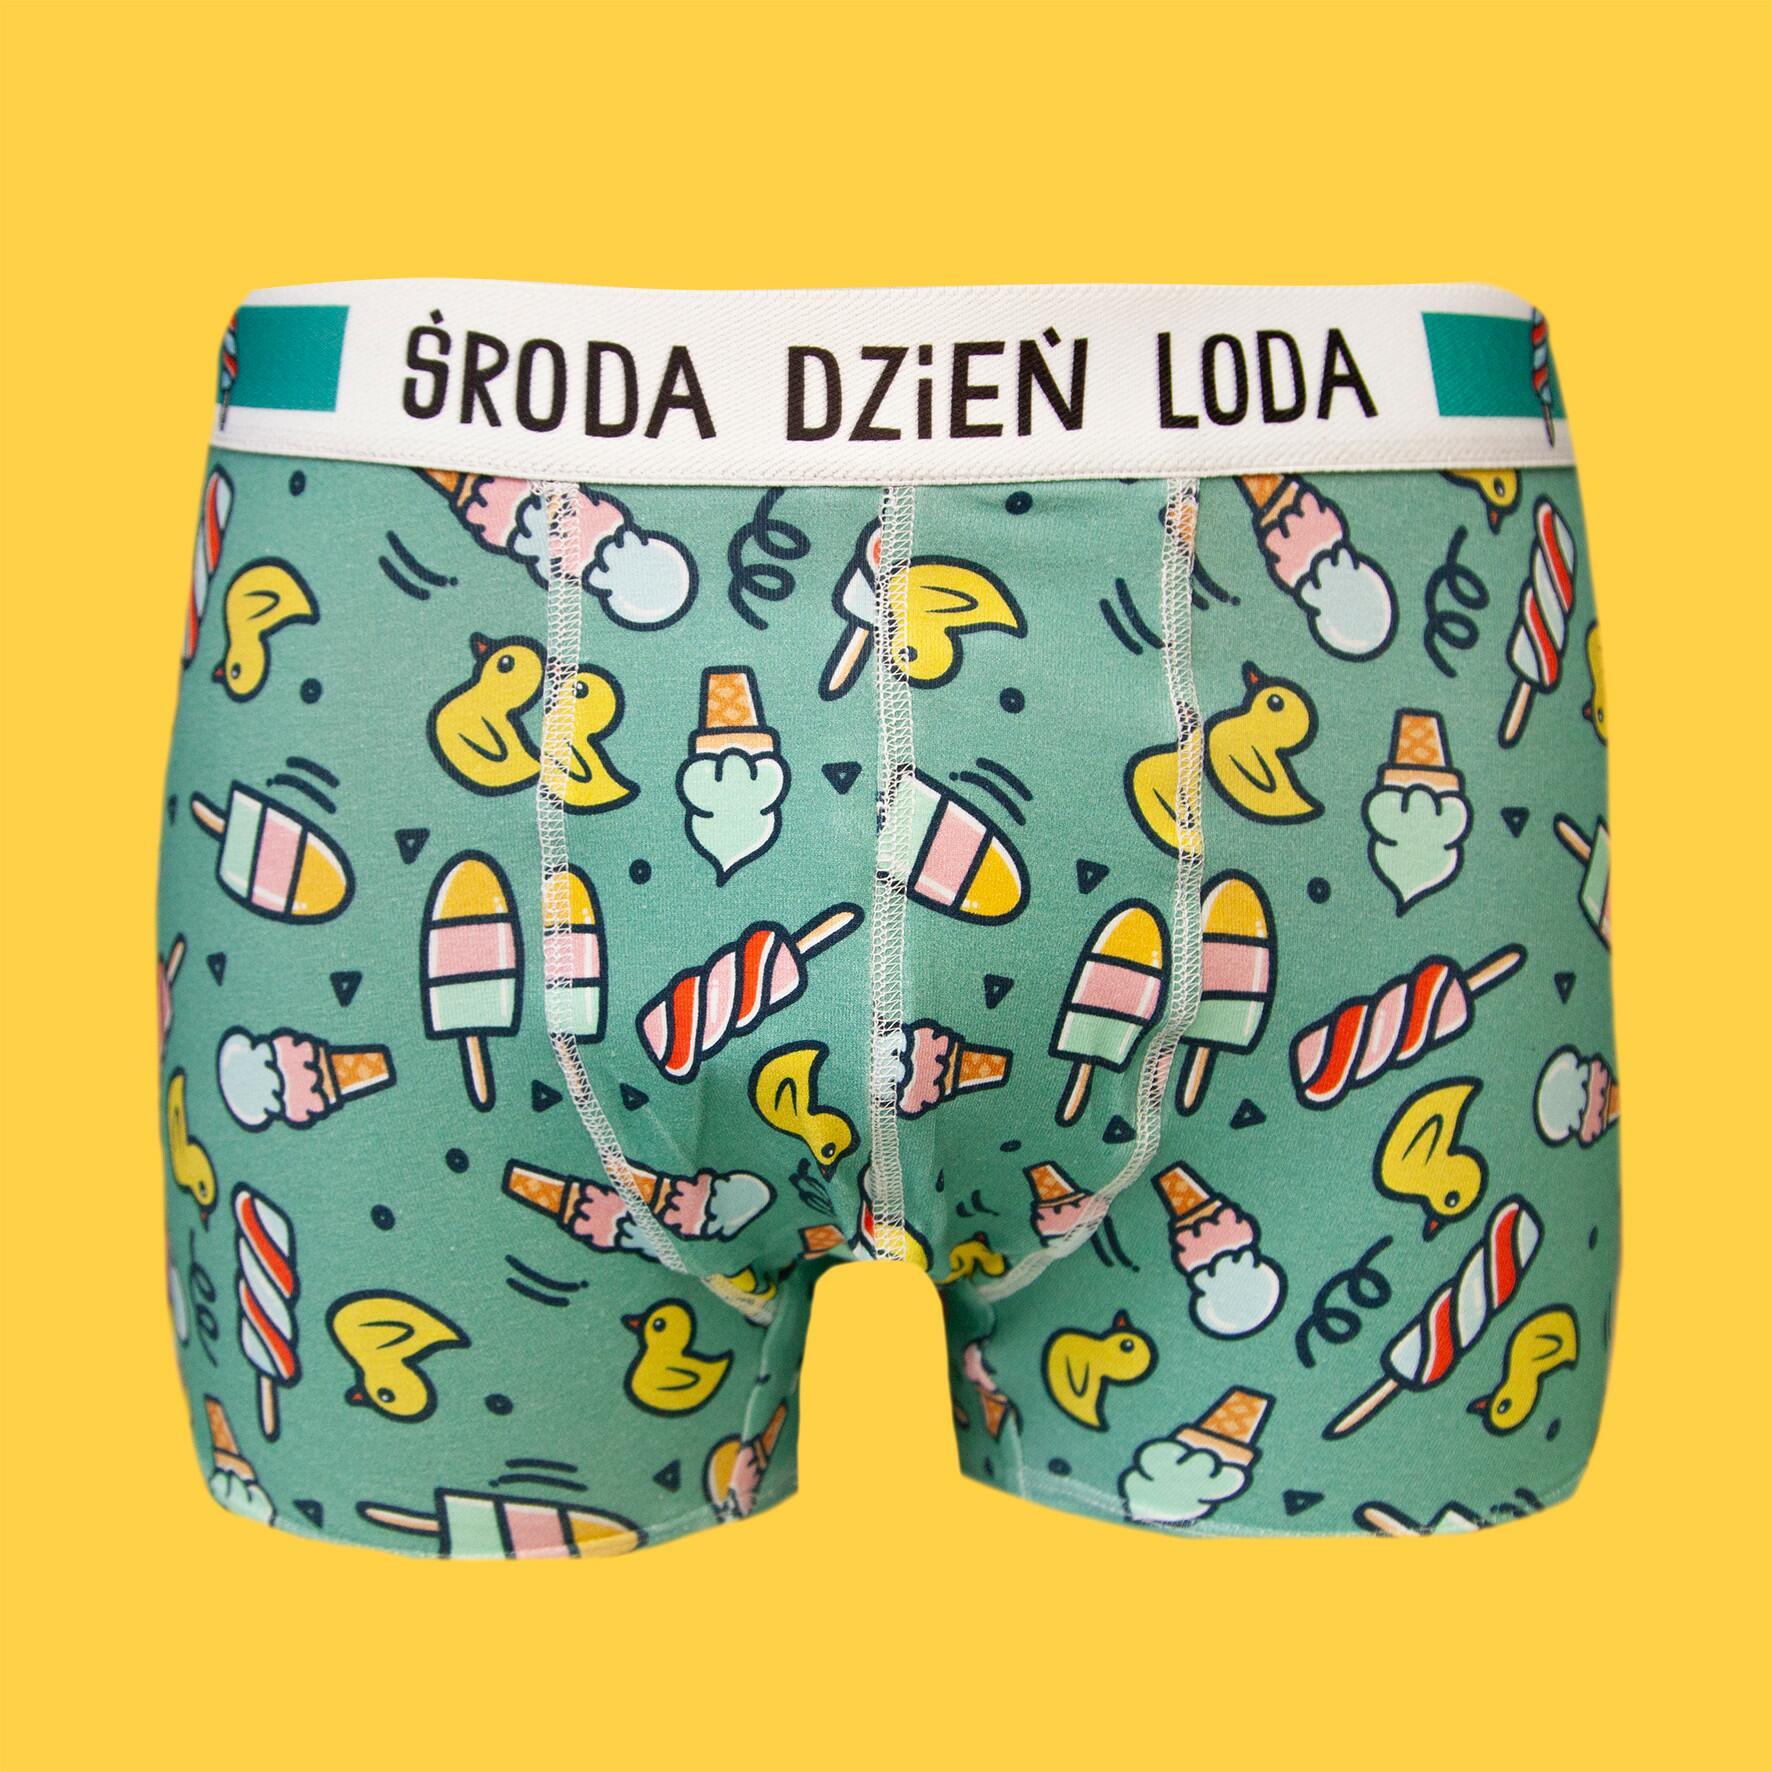 Środa Dzień Loda - Bokserki bawełniane męskie Kaczuszki - Majtki z Sosnowca by After Panty | JestemSlow.pl